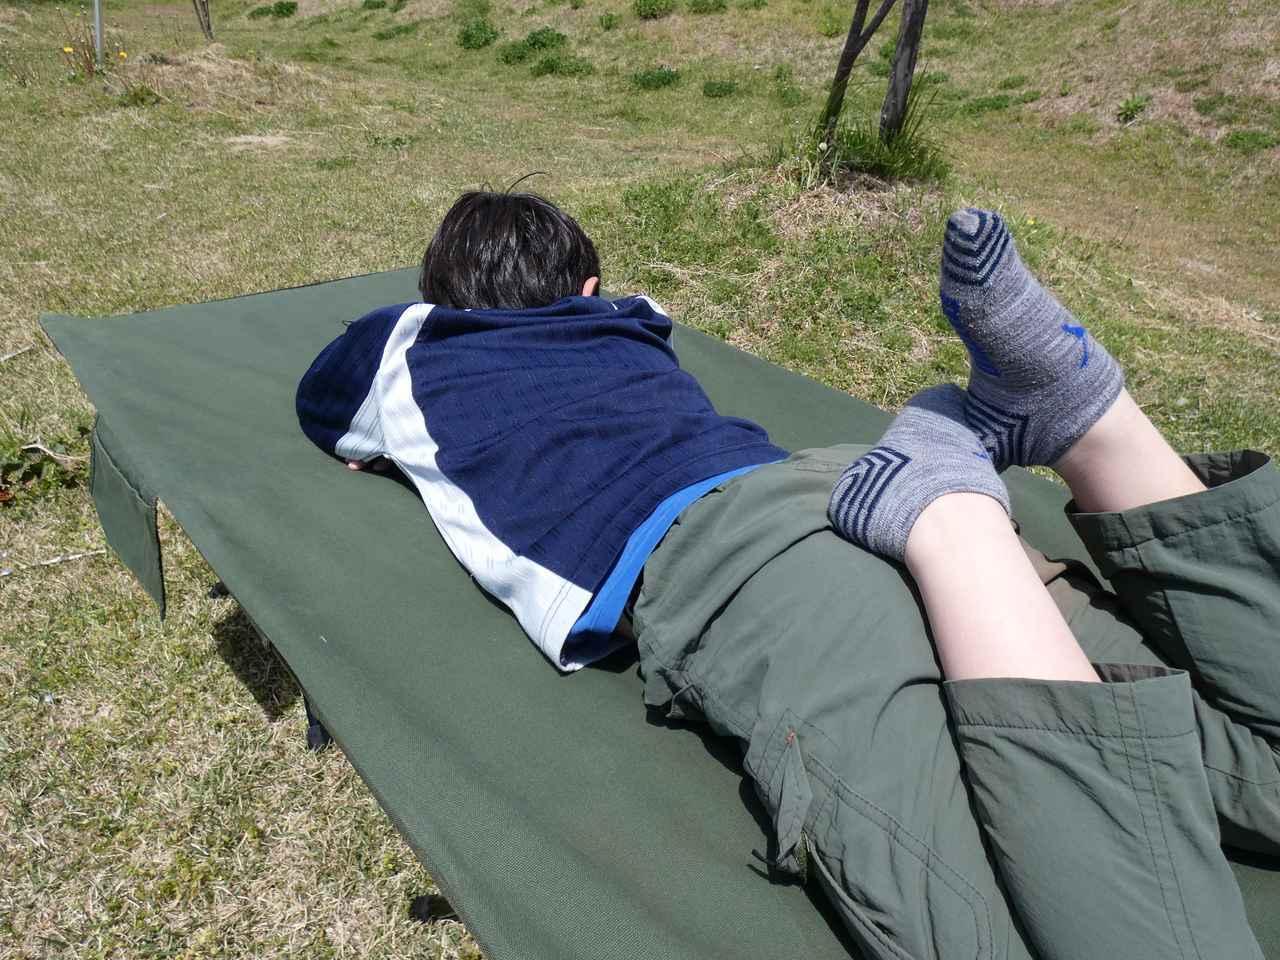 画像: 焚き火キャンプ好き必見! DODの「タキビコット」をレビュー! ベンチとしても優秀 - ハピキャン|キャンプ・アウトドア情報メディア